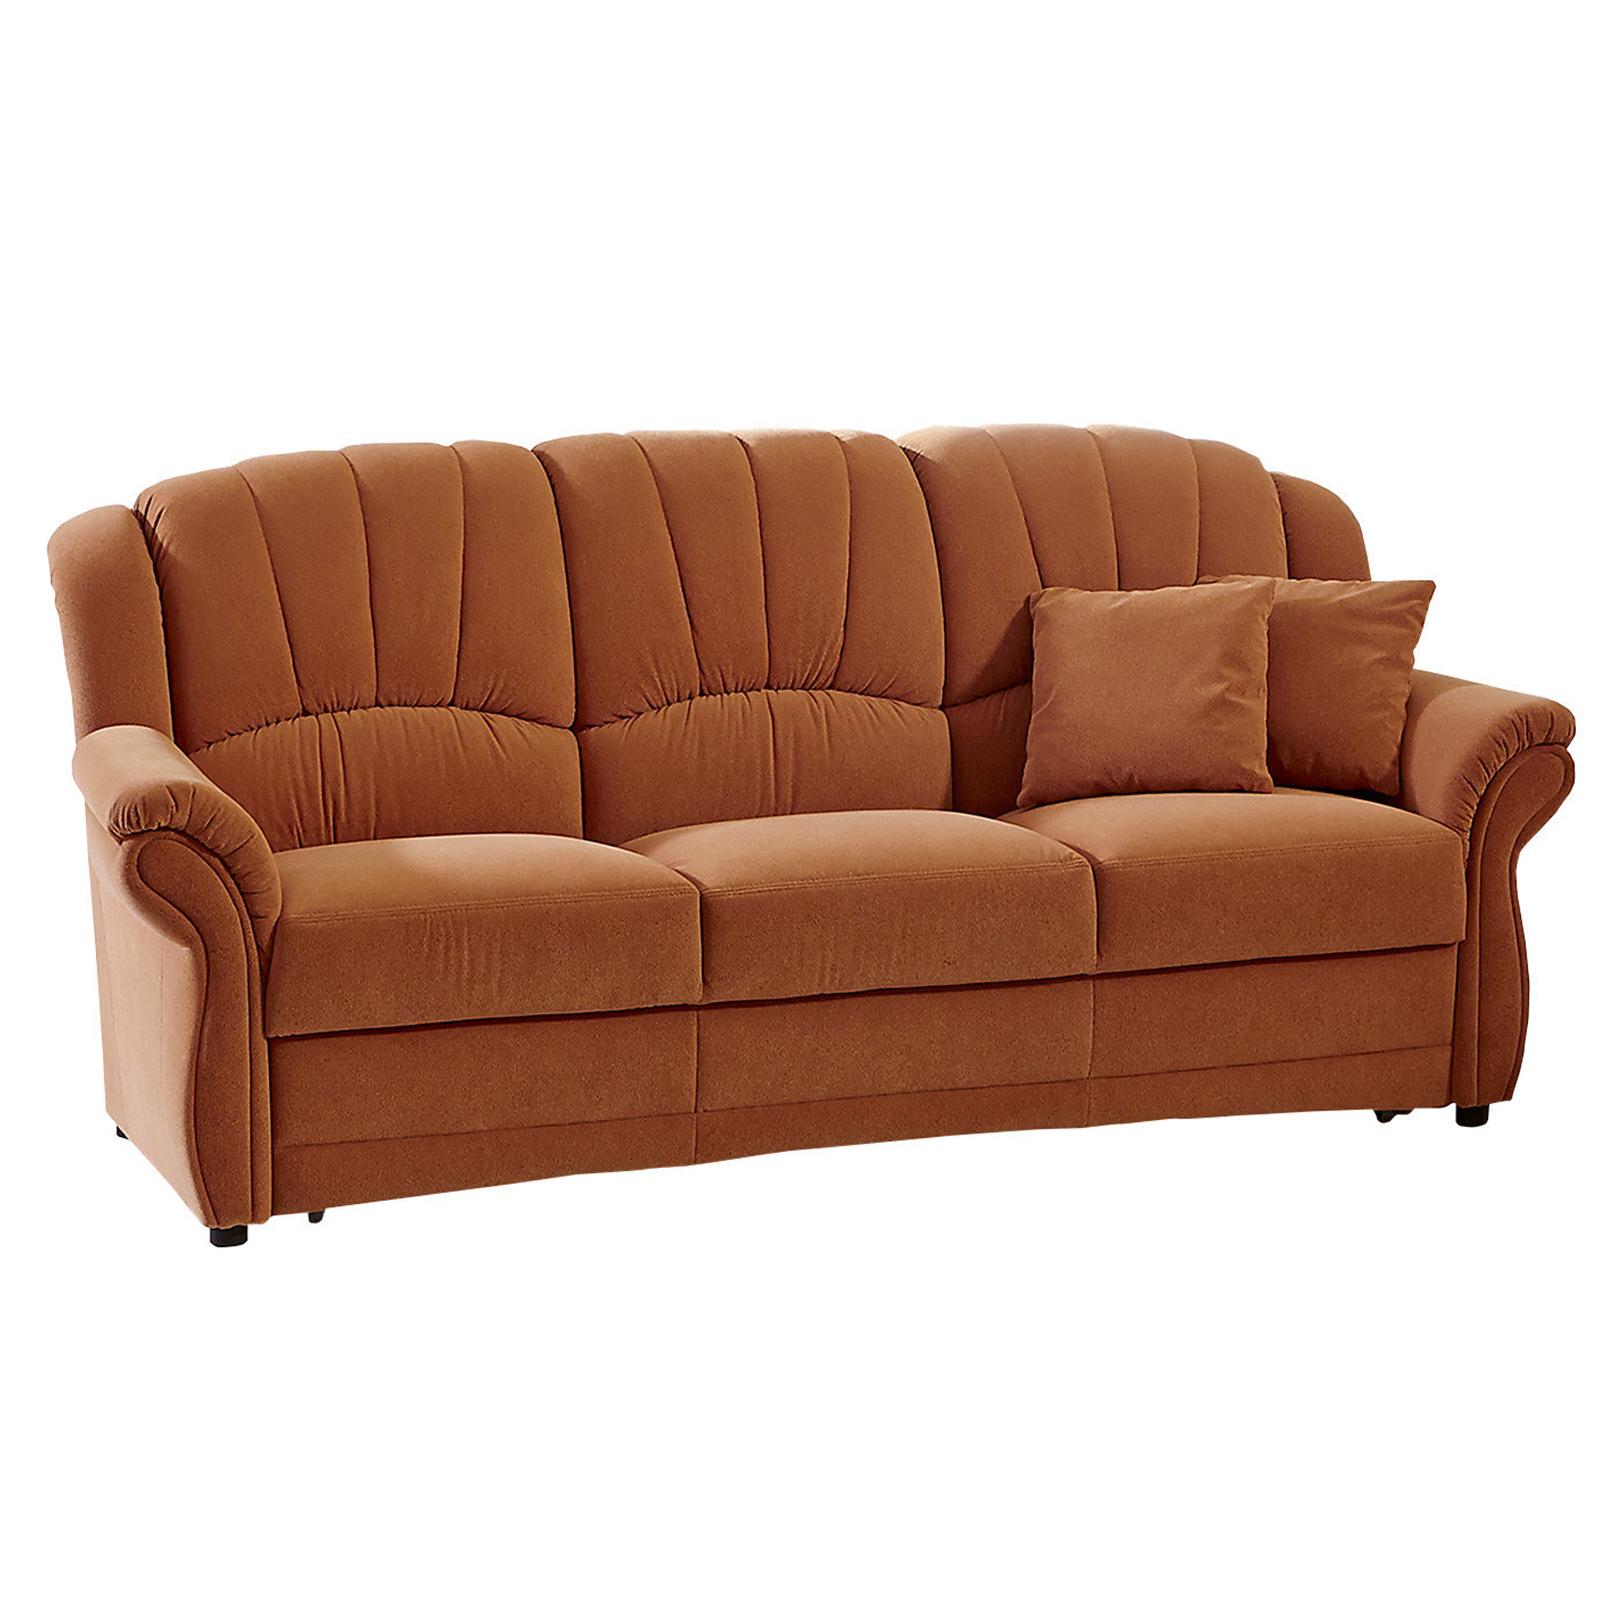 Polster Set 2 Sessel und 3 Sitzer Sofa terra